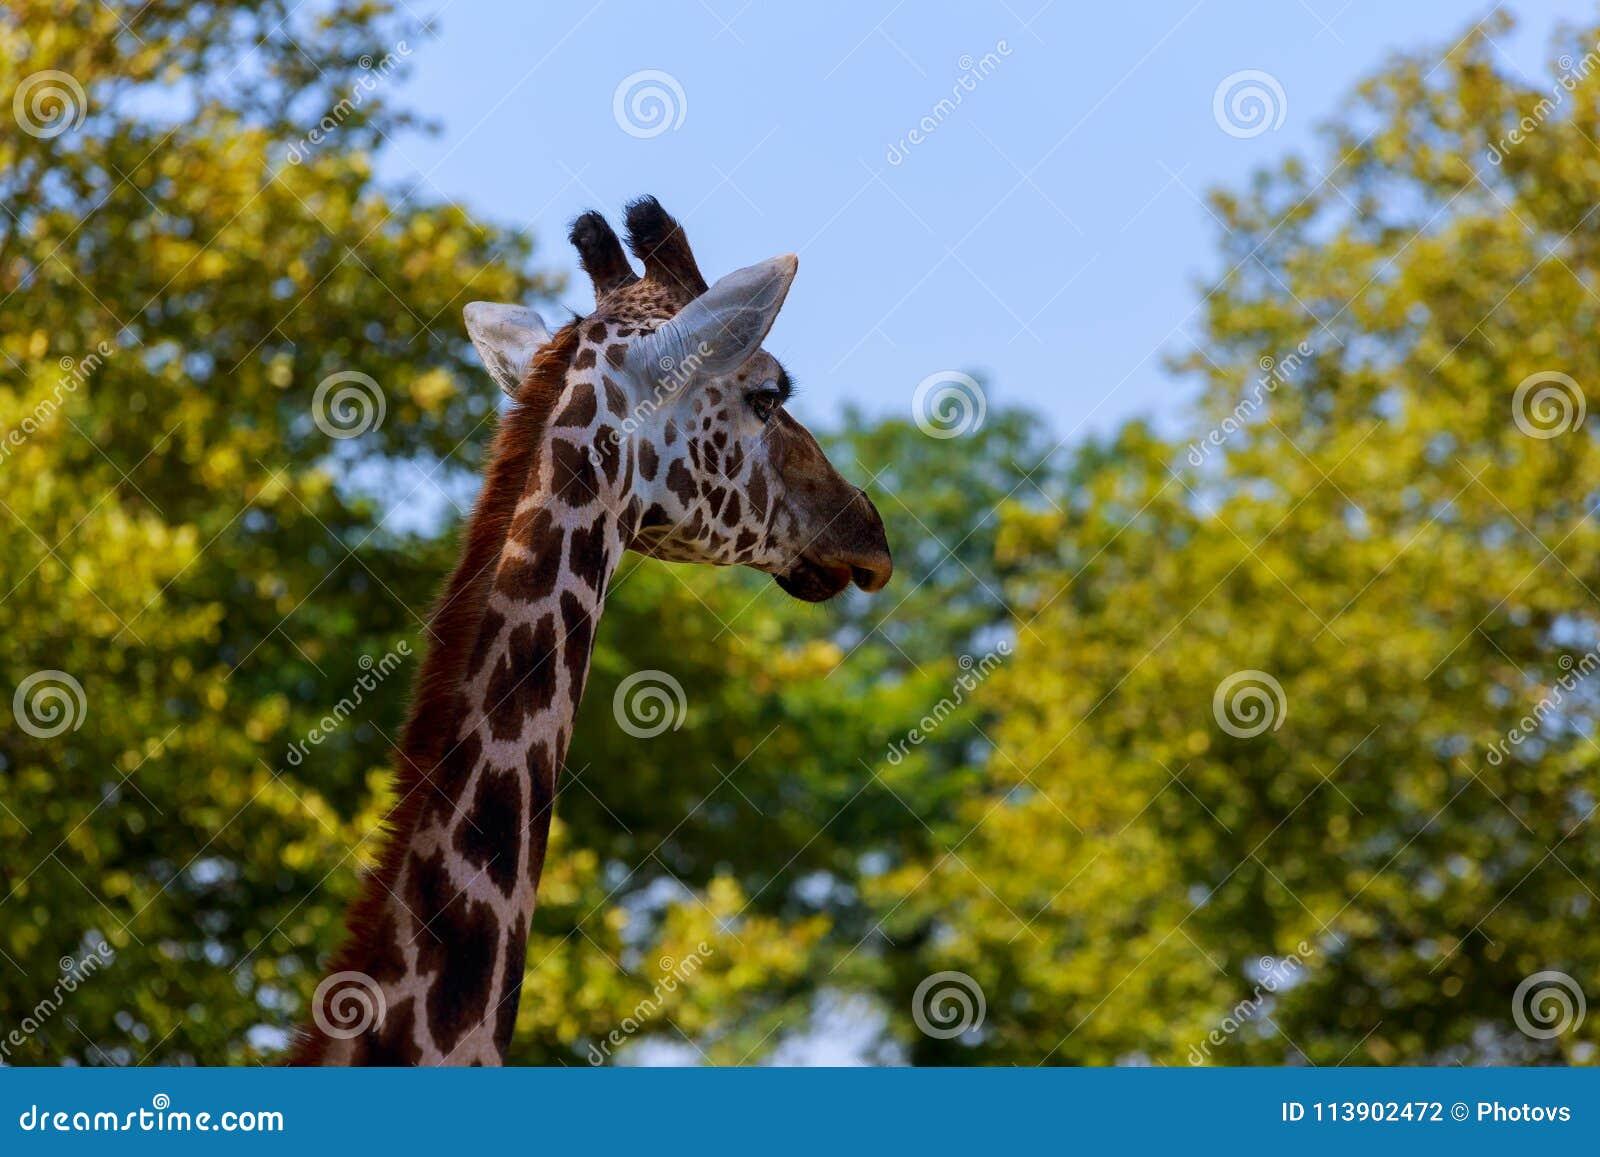 Close-up de um girafa na frente de algumas árvores verdes, como se para dizer